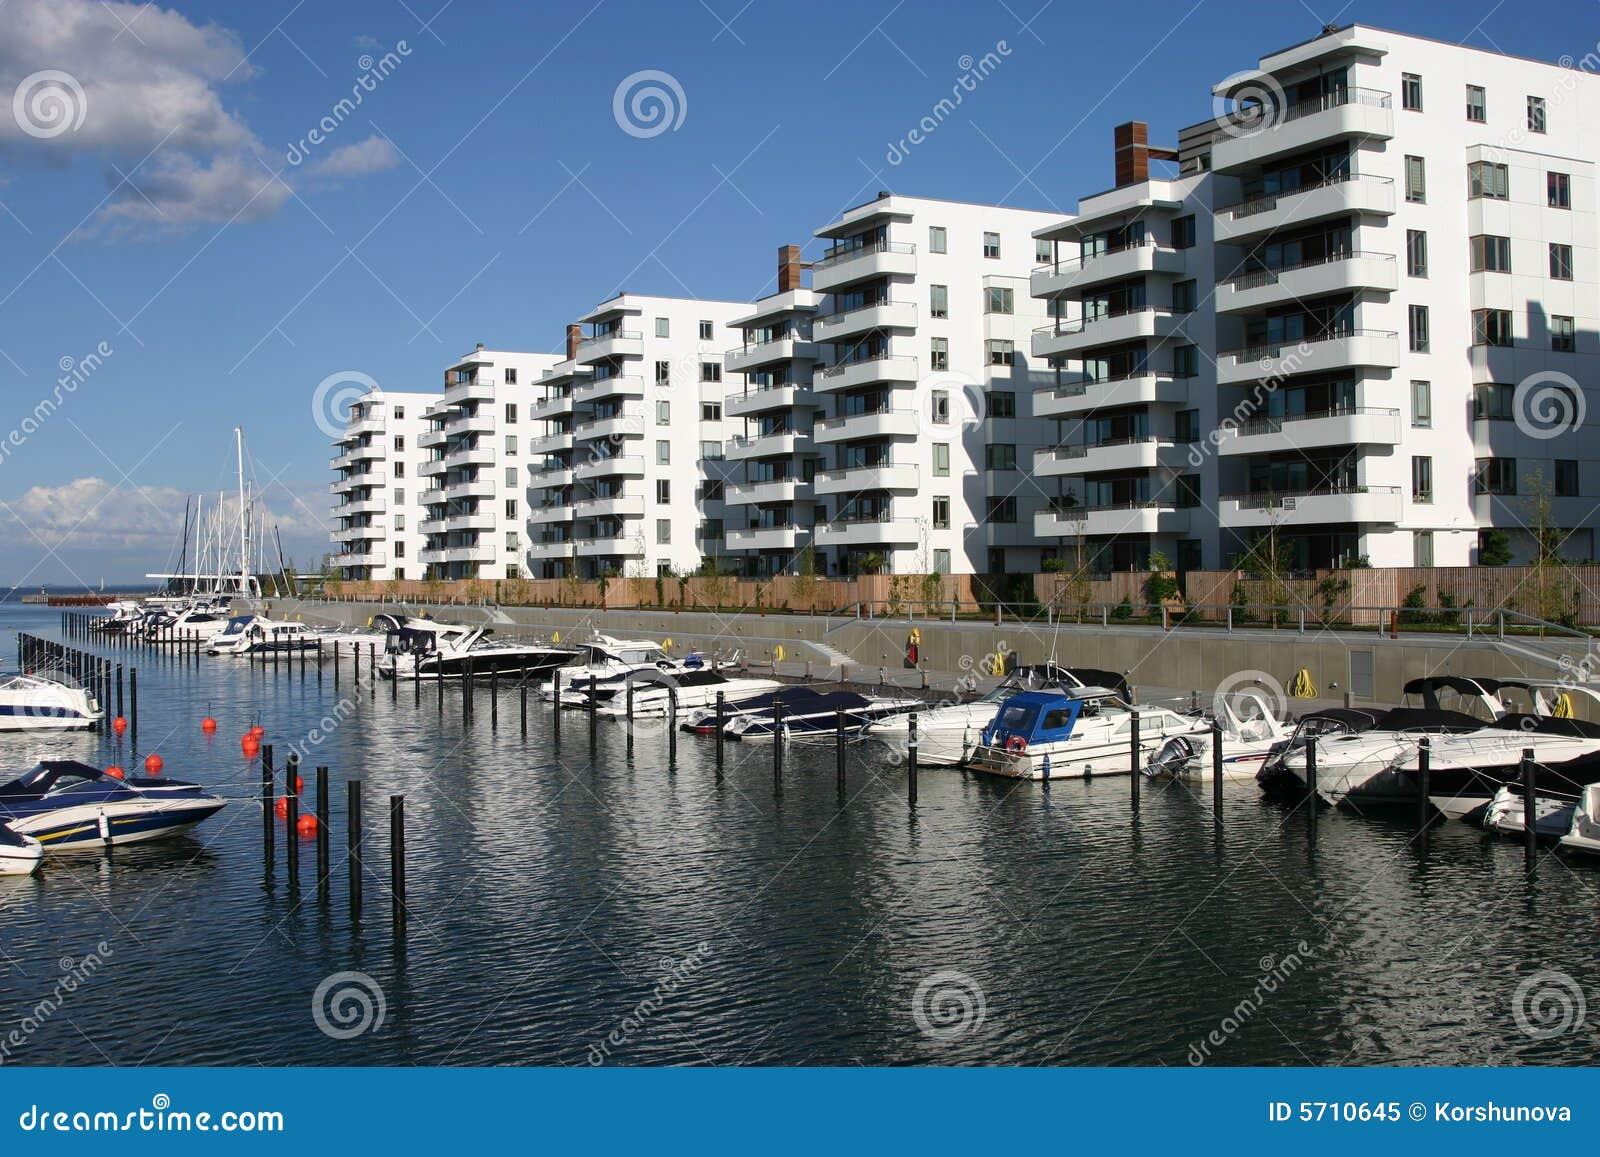 Modern Architecture Copenhagen